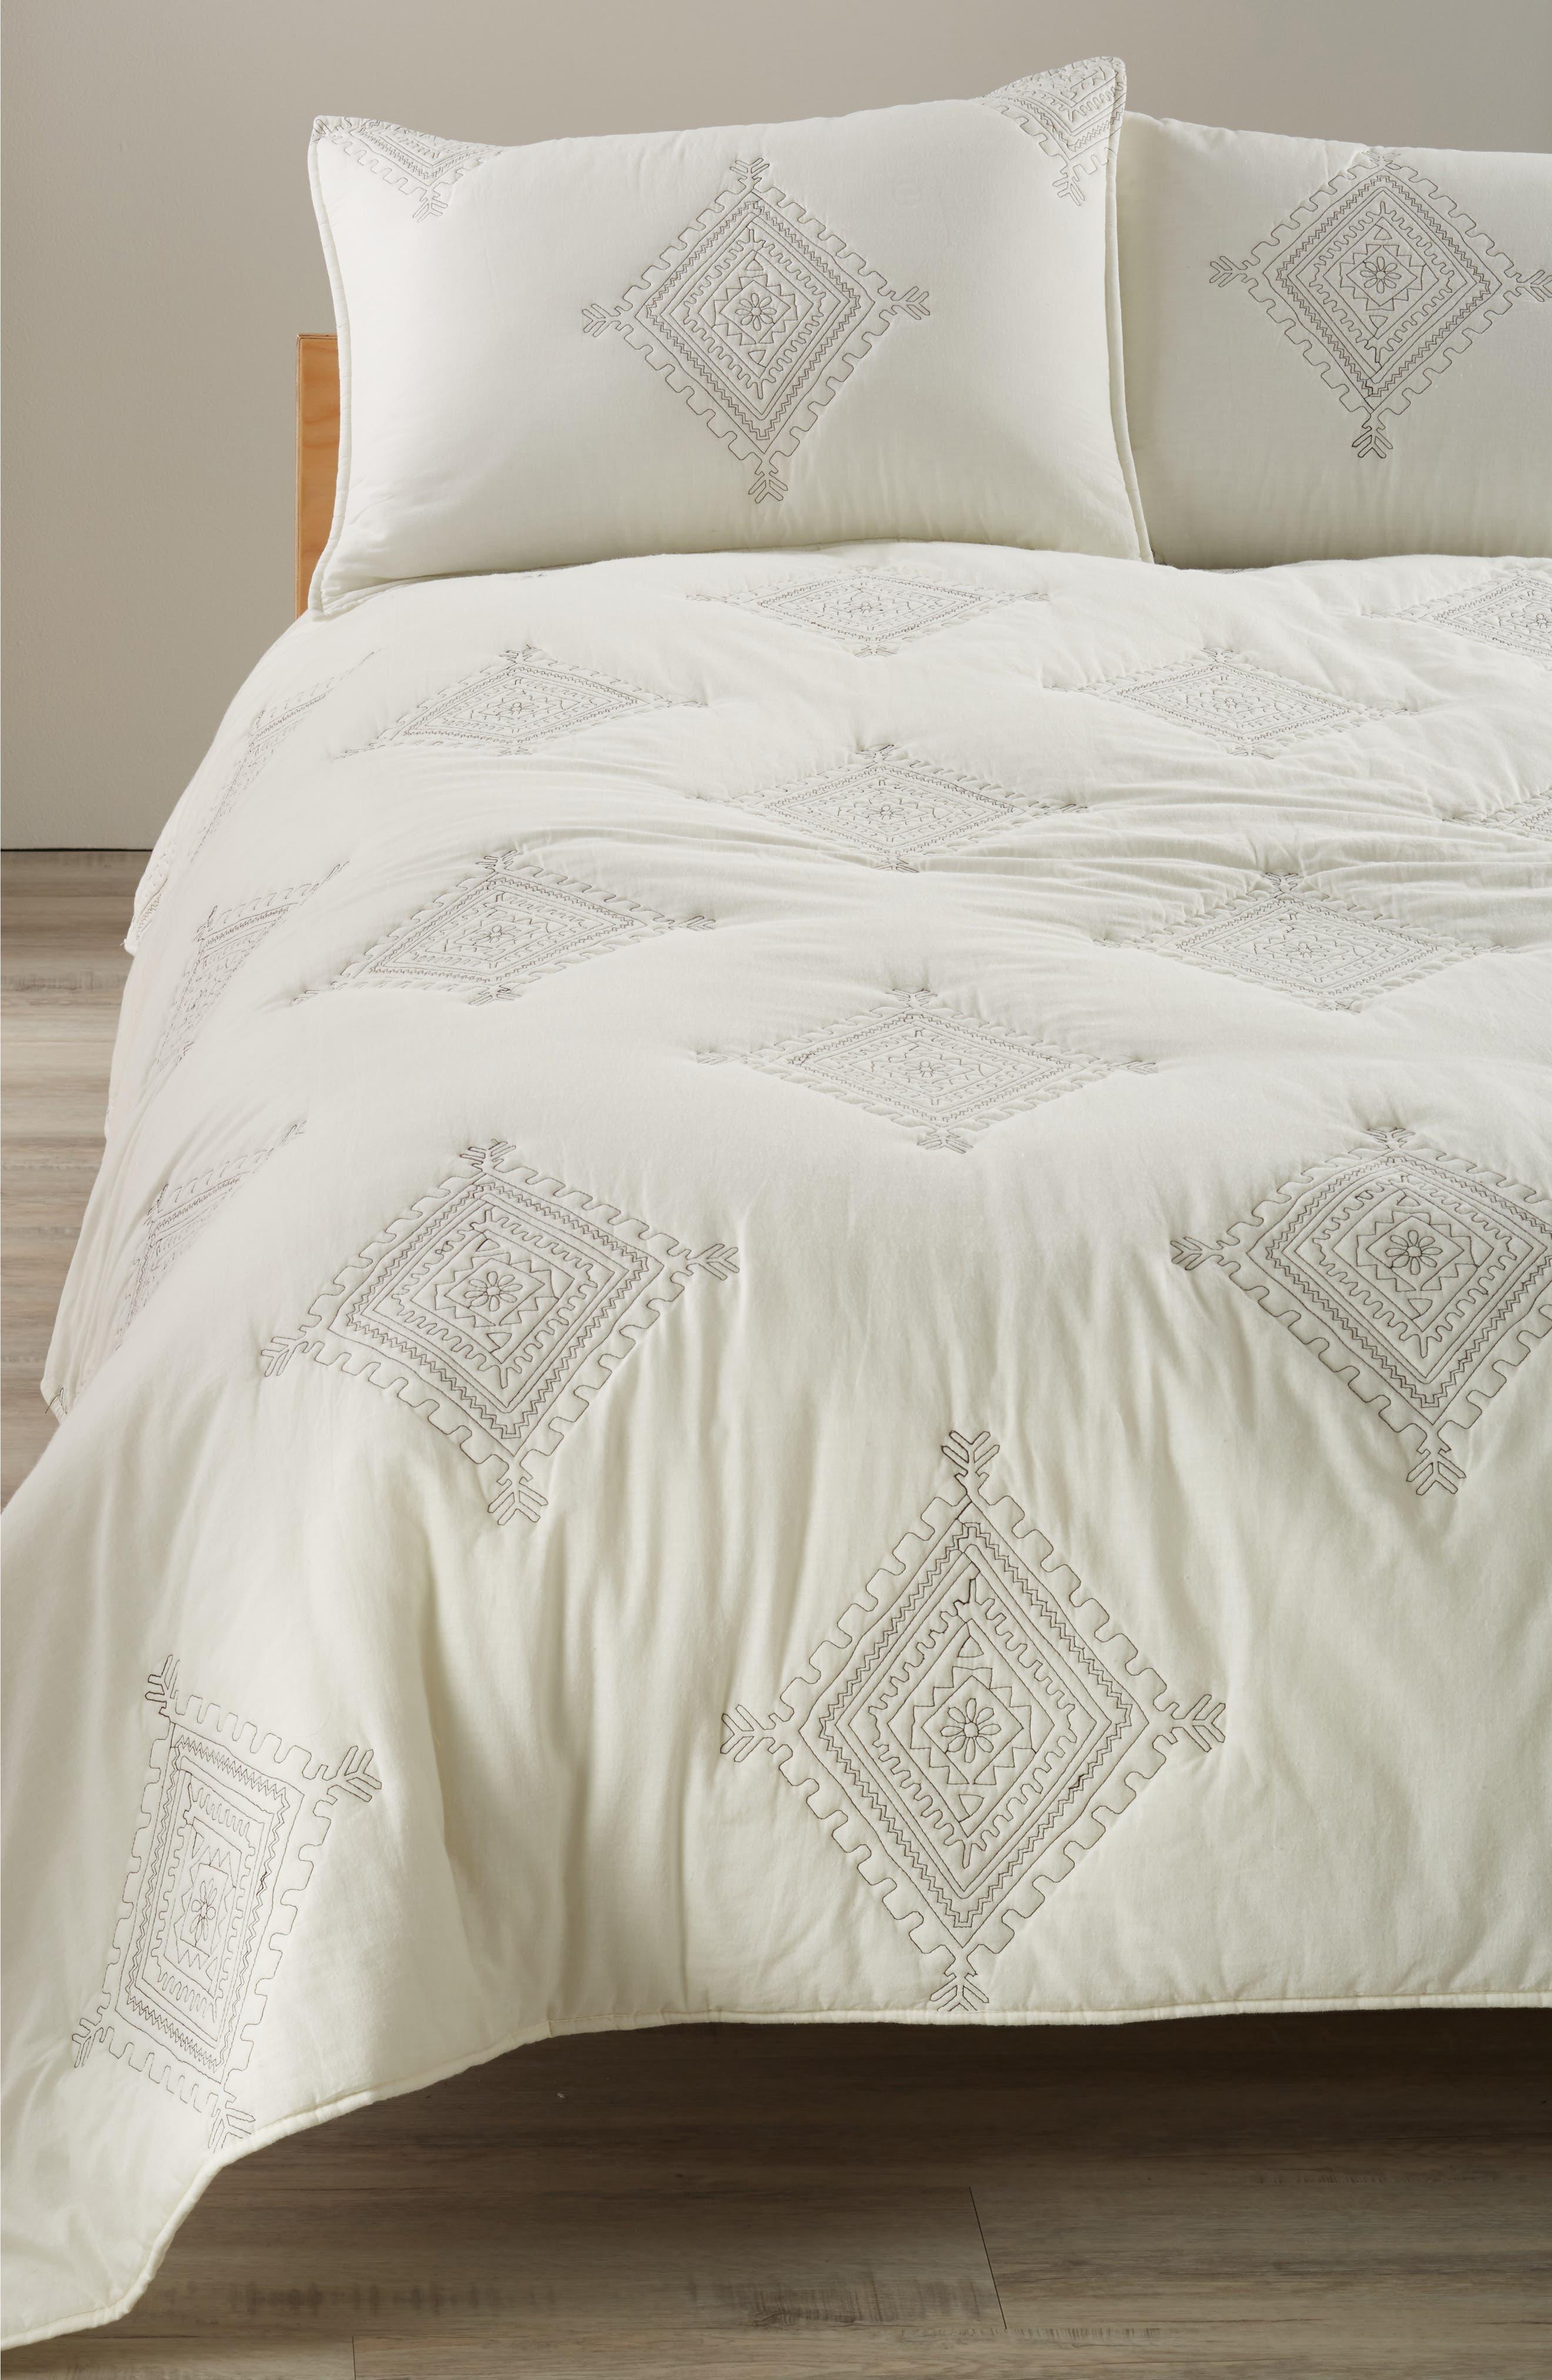 Levtex Zira Quilted Comforter